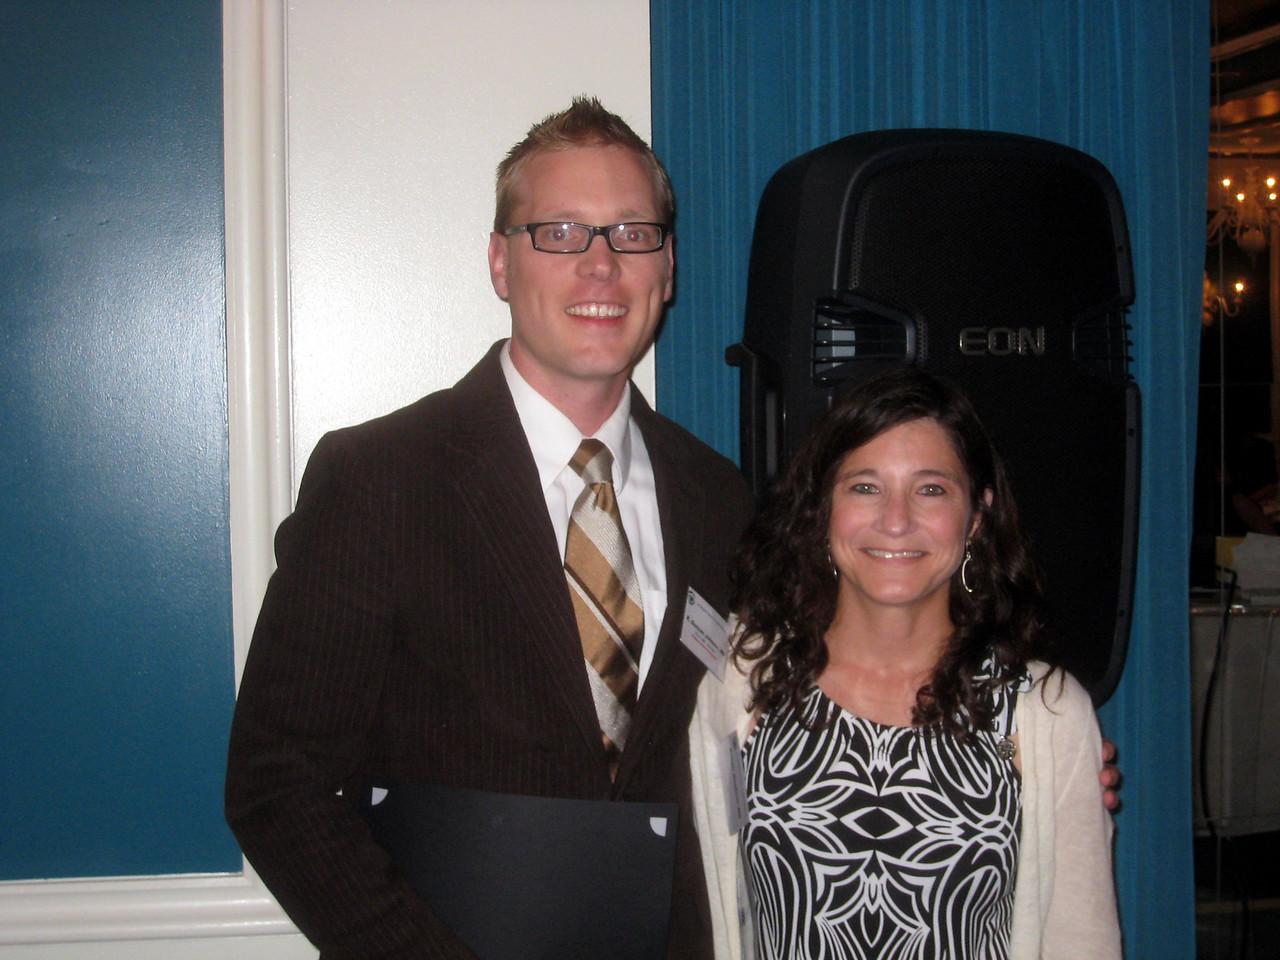 1402 Nesburn Award Winner Duncan Johnson with Kristen Nesburn